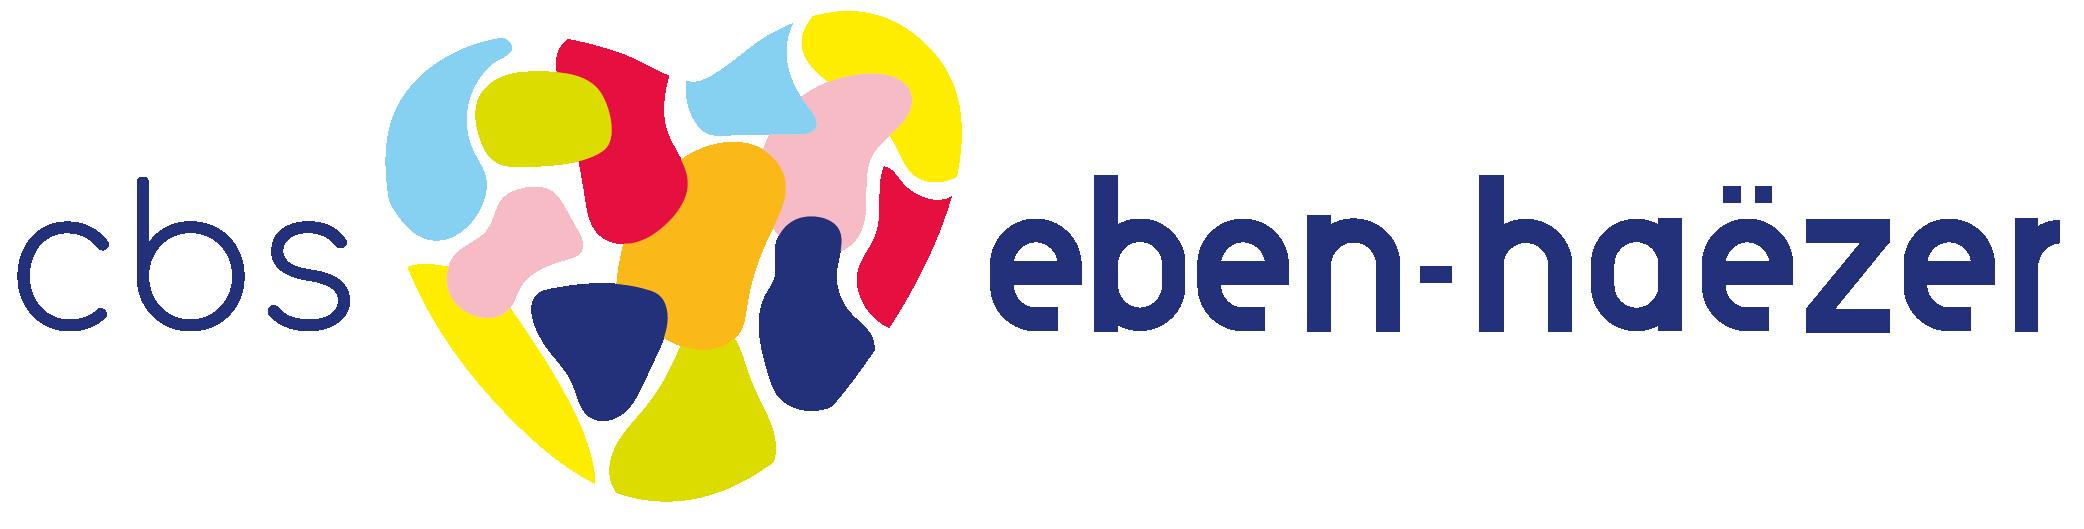 CBS 'Eben Haezer'